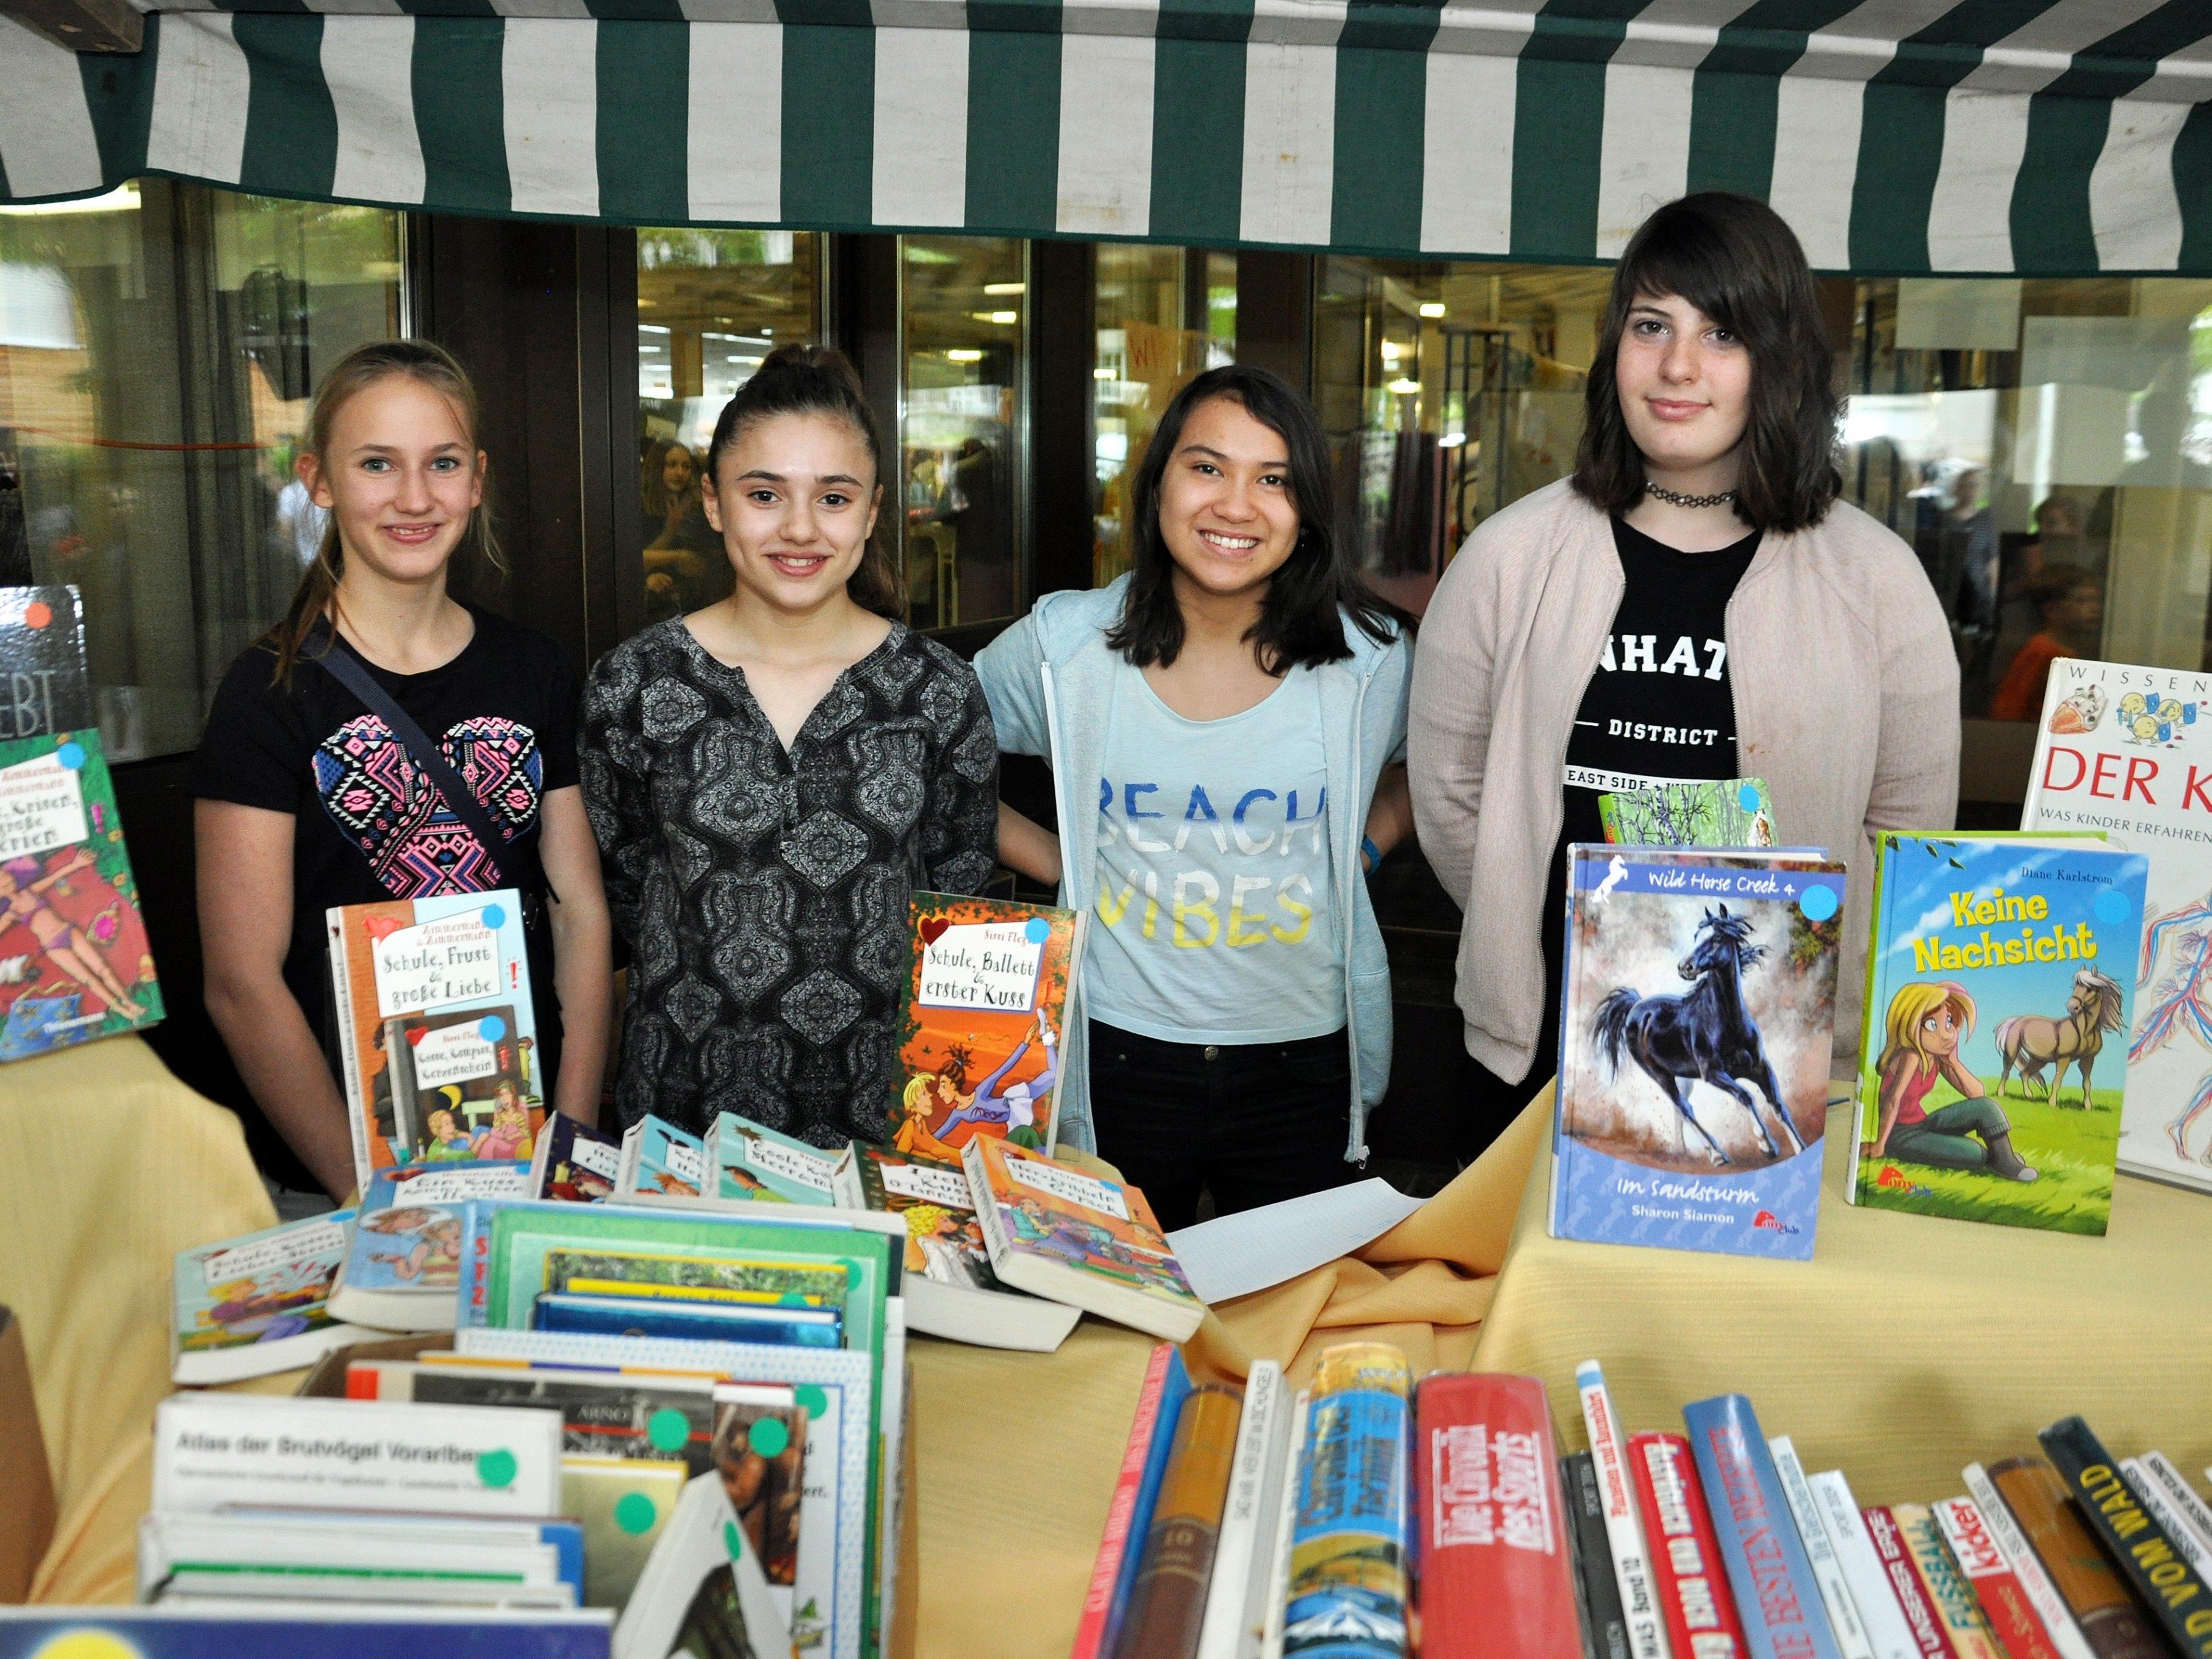 Auch ein Bücherflohmarkt stand beim Schulfest auf dem Programm.